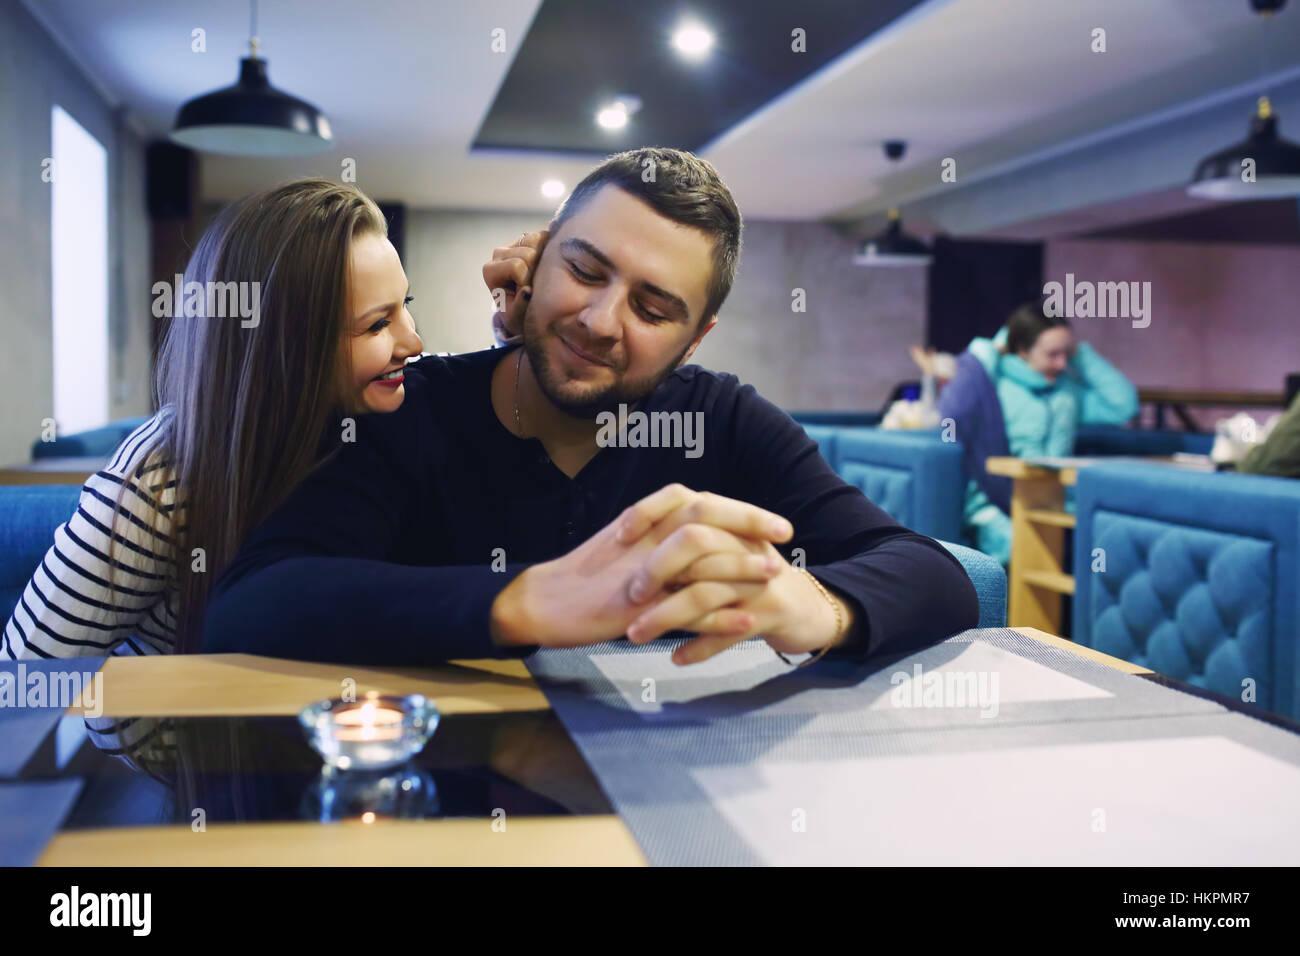 Deux personnes dans le café appréciant les dépenses de temps les uns avec les autres. Tonique. Focus Photo Stock